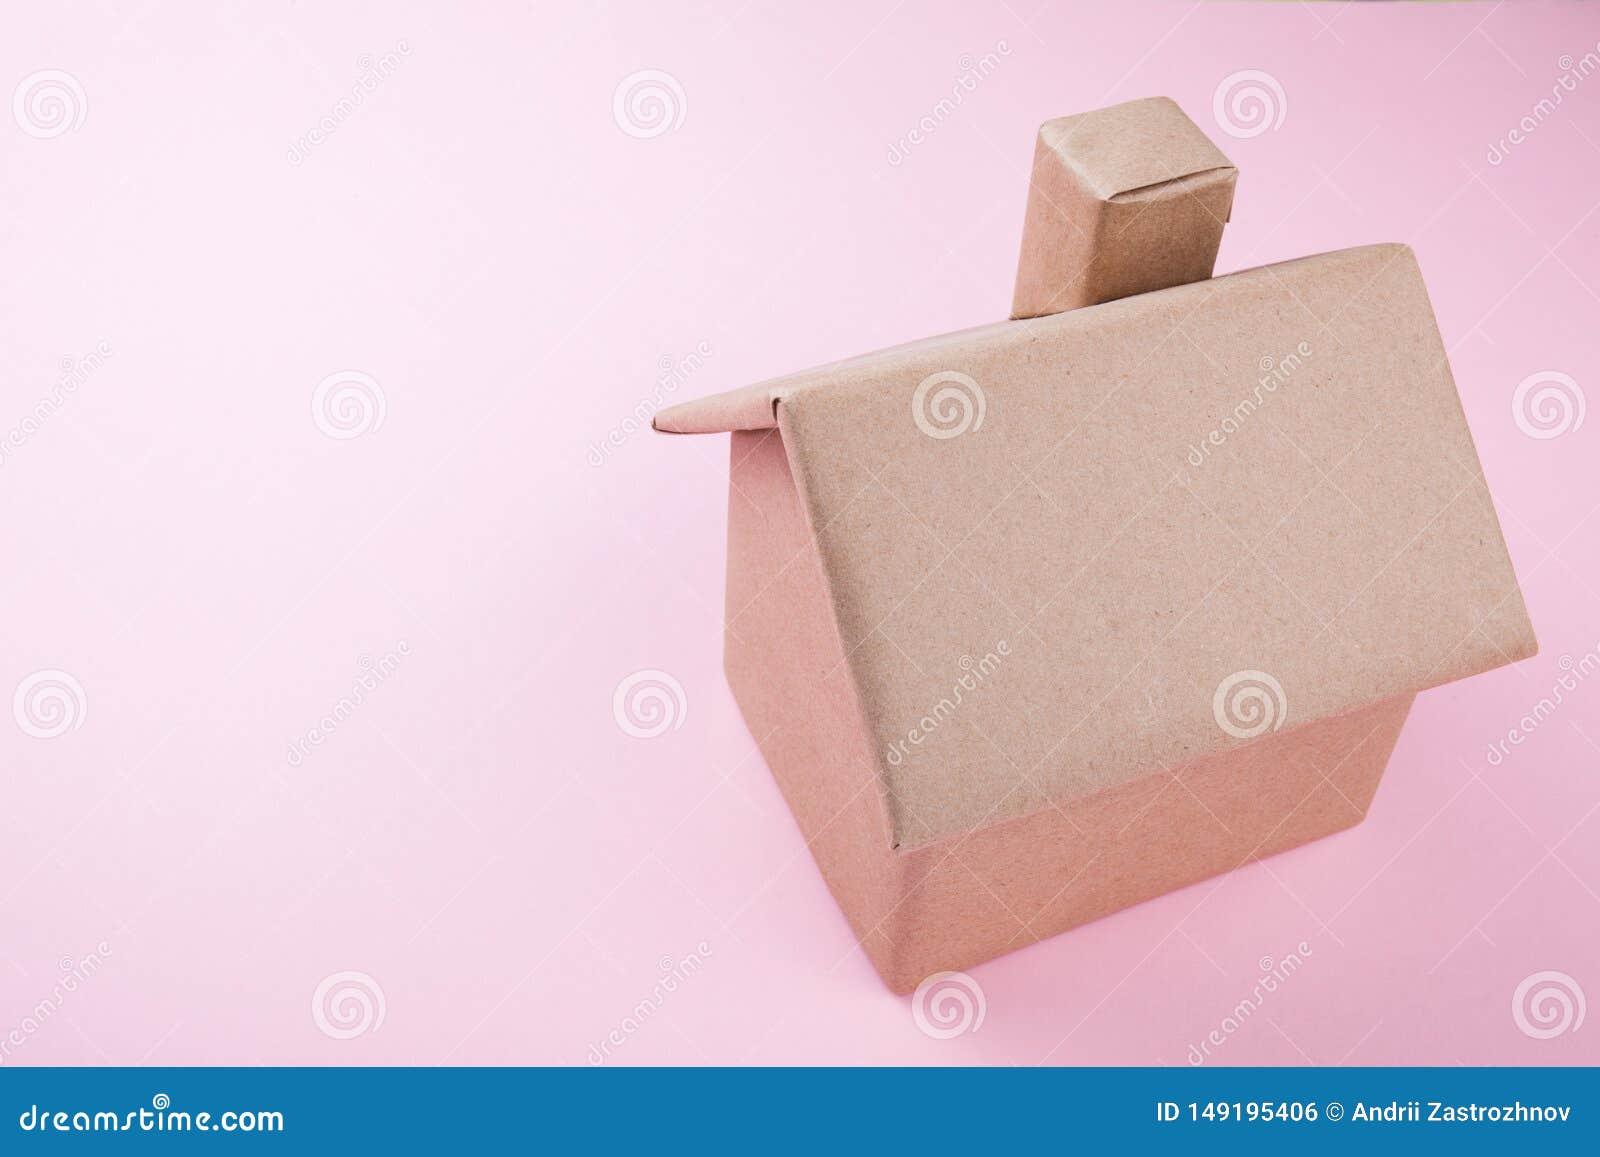 Begrepp ett hus som göras av wellpapp, isolerat på en rosa bakgrund placera text